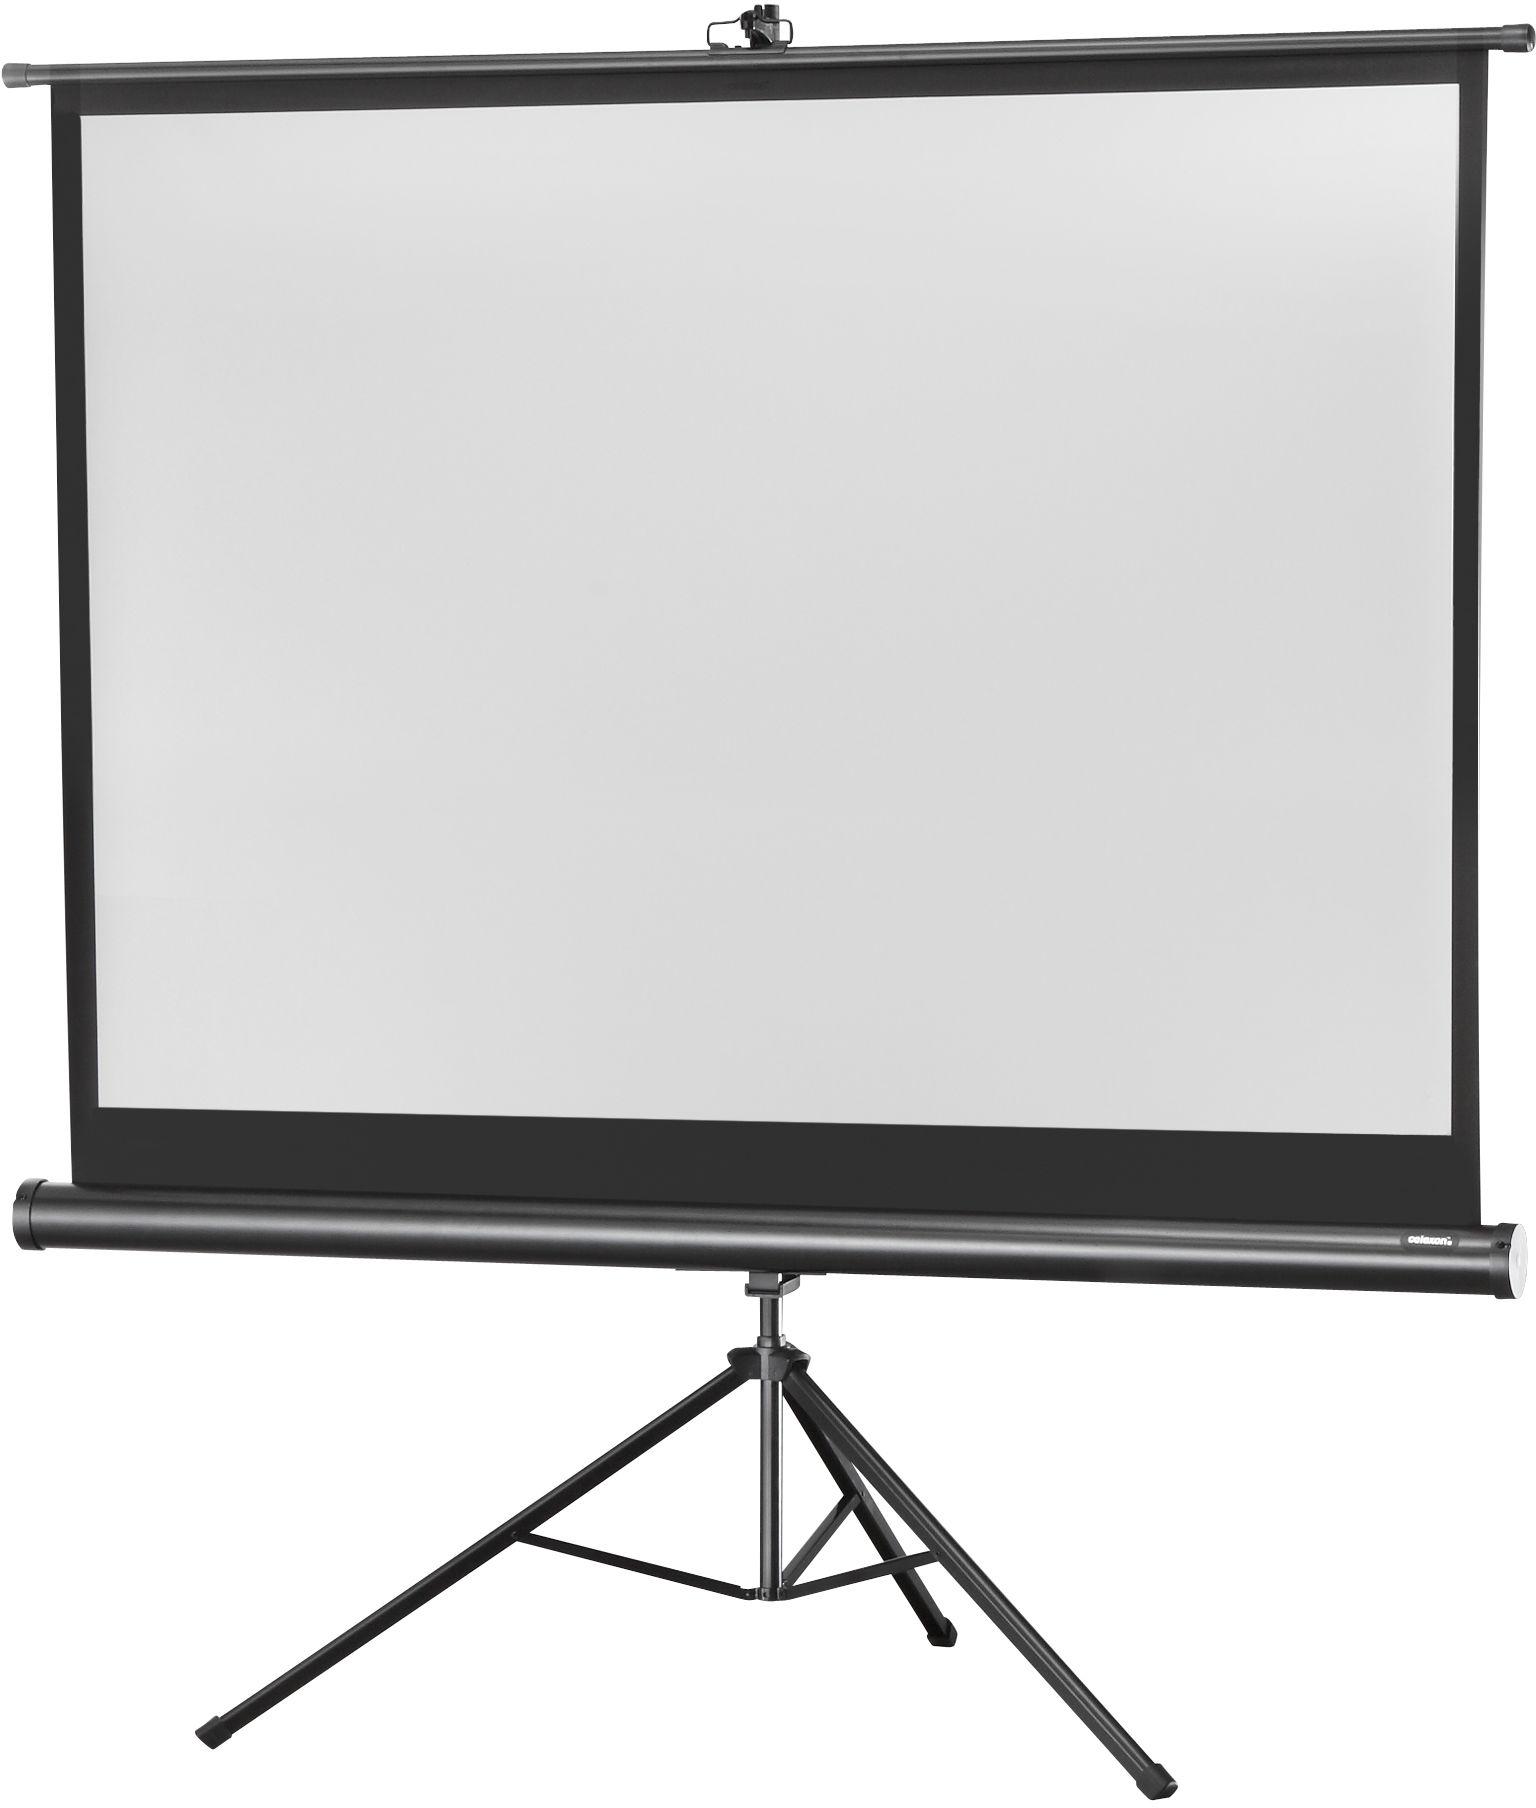 celexon Economy 133 x 100 cm ekran projekcyjny na trójnogu 4:3 (65)